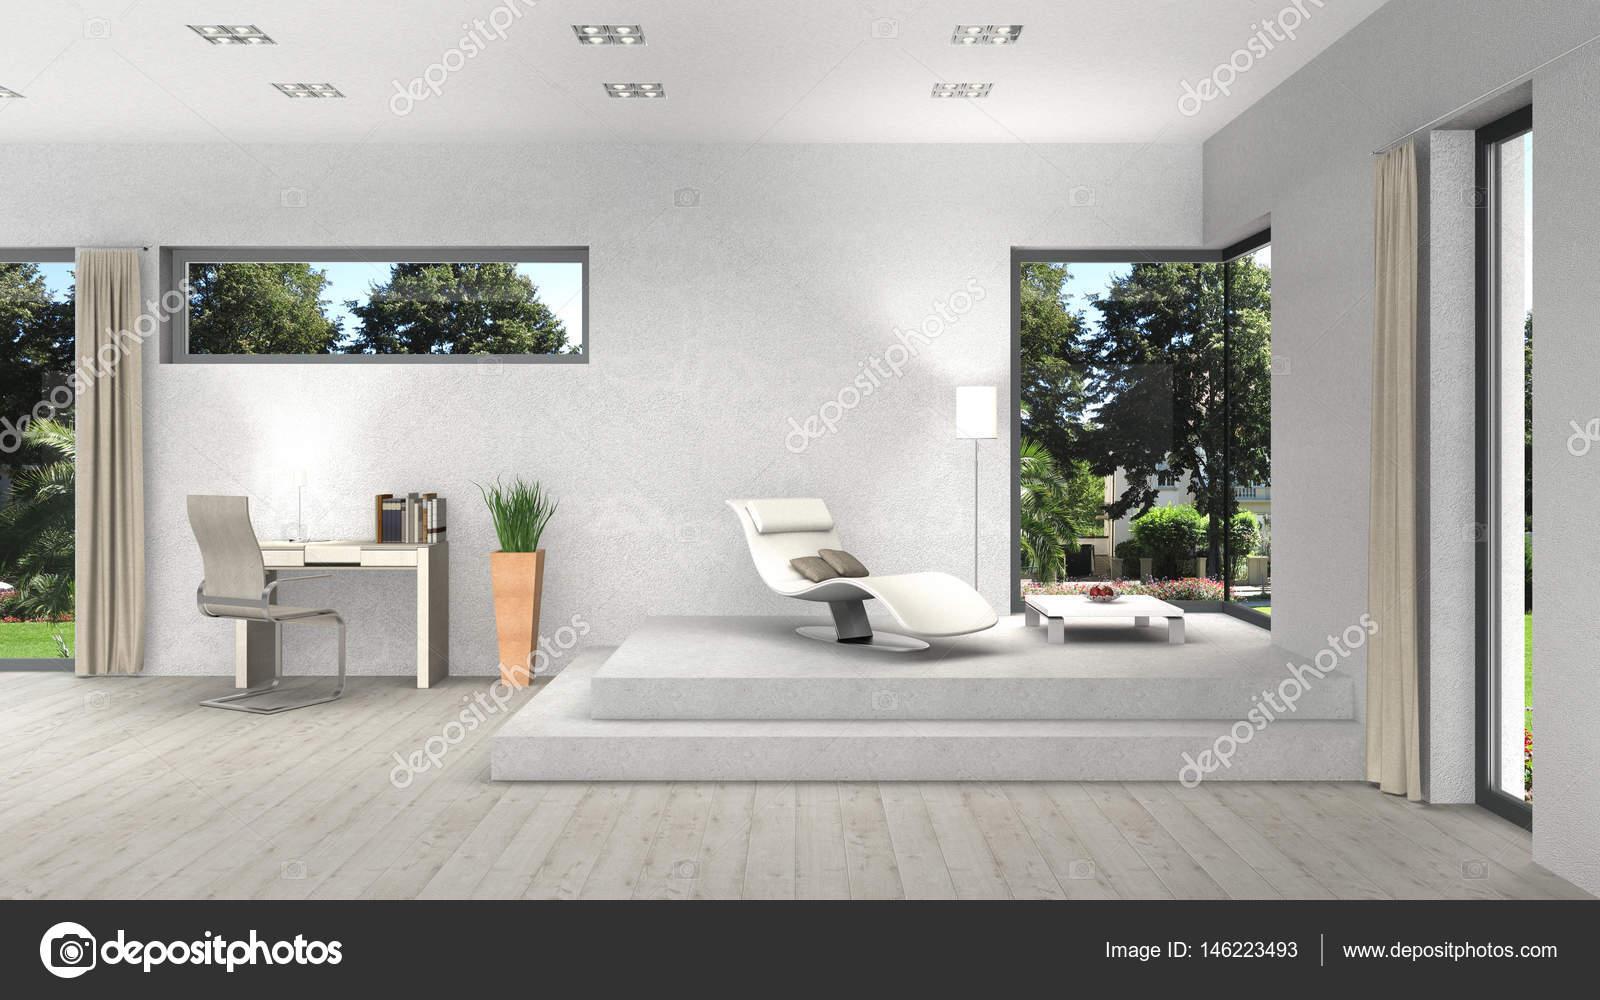 Interni con finestre moderne e vista sul giardino foto - Finestre moderne ...